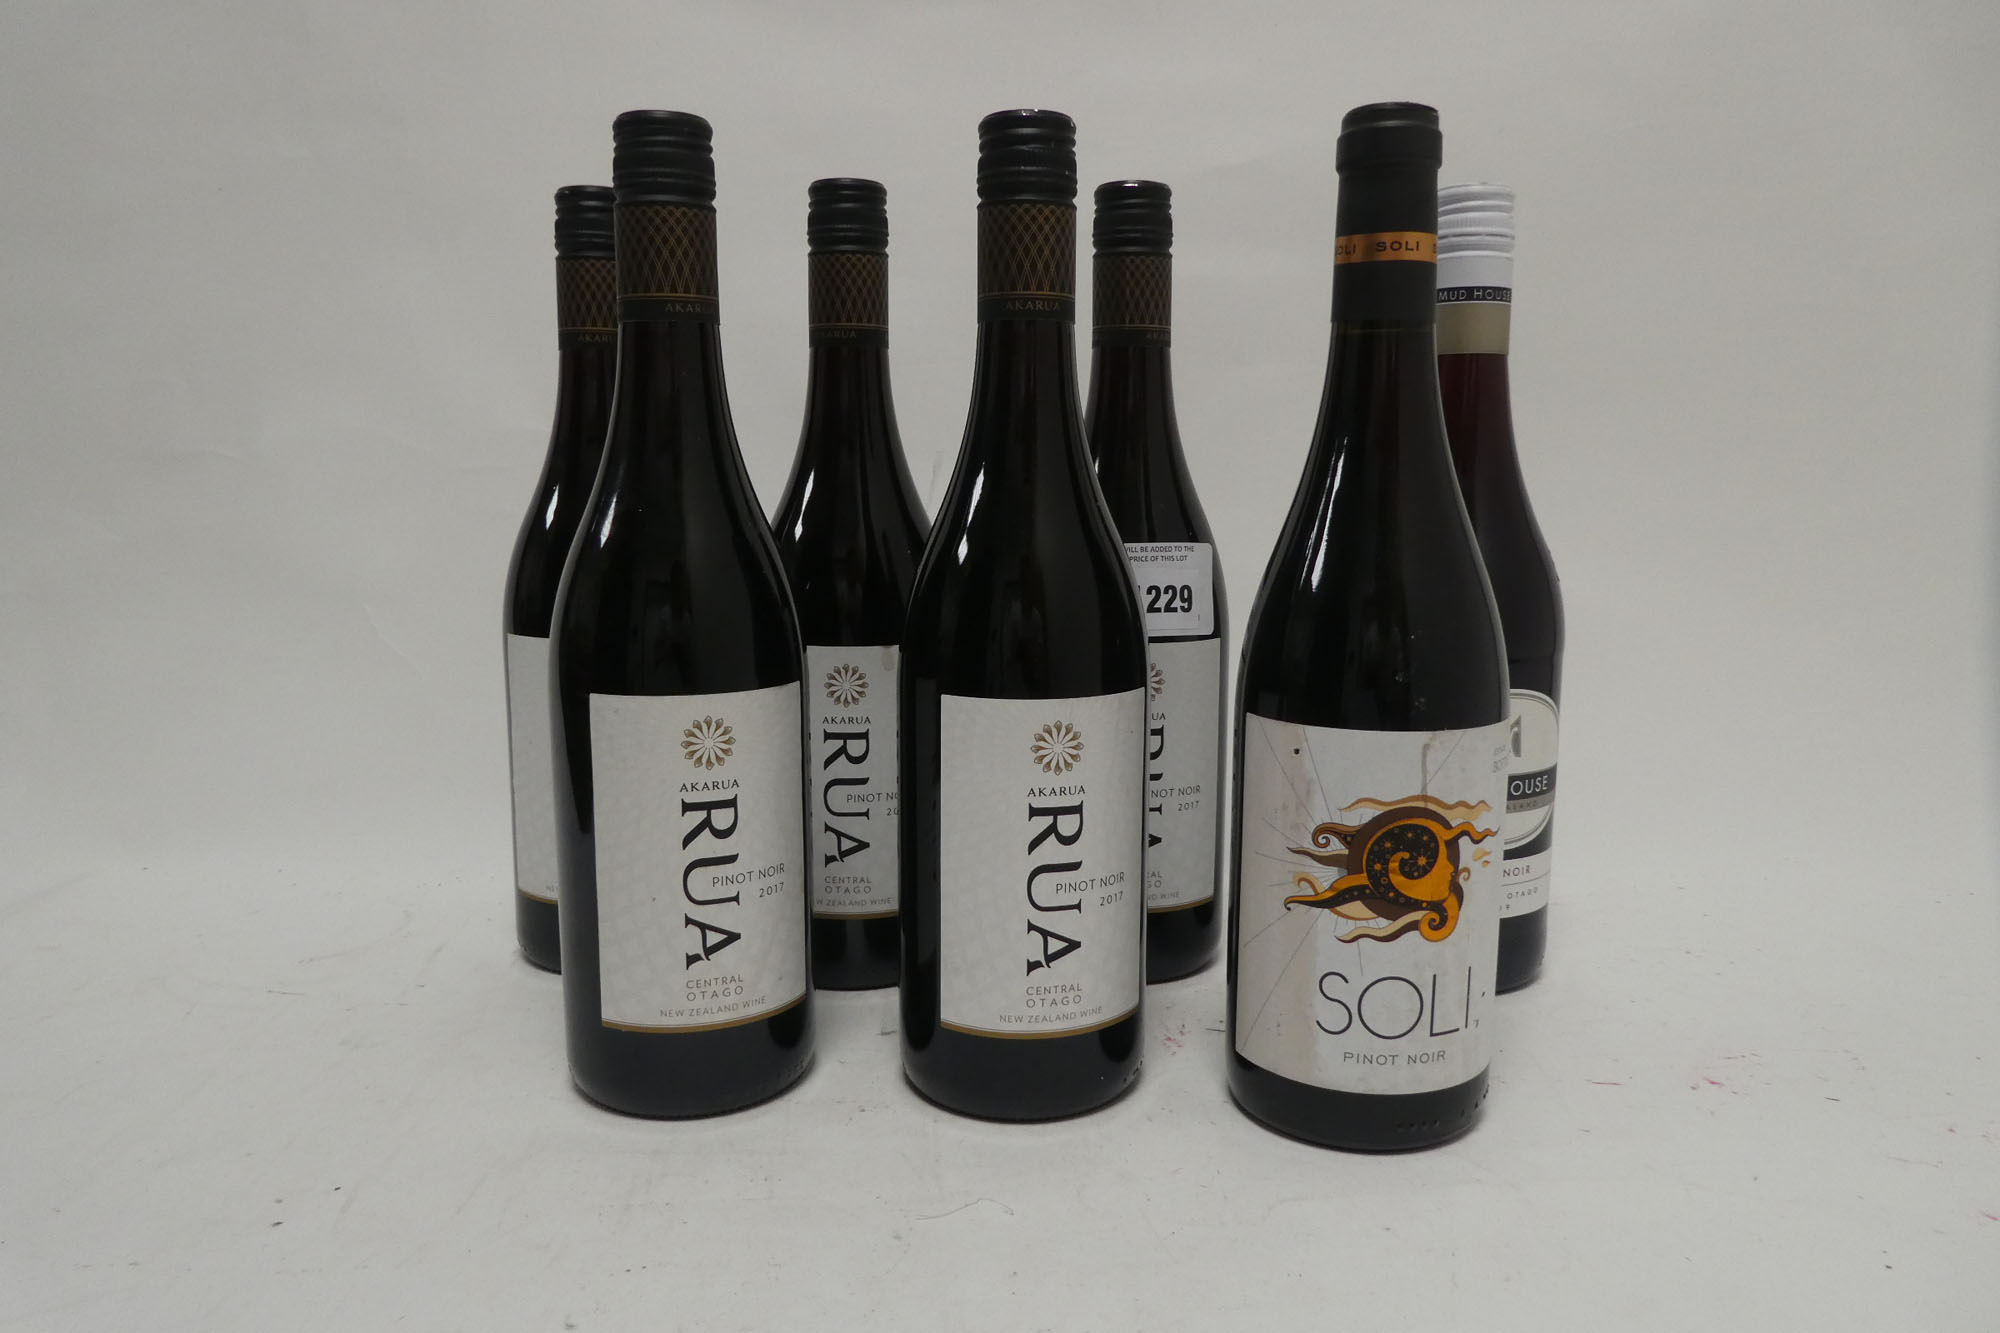 7 bottles, 5x Akarua Rua Pinot Noir 2017 Central Otago New Zealand,